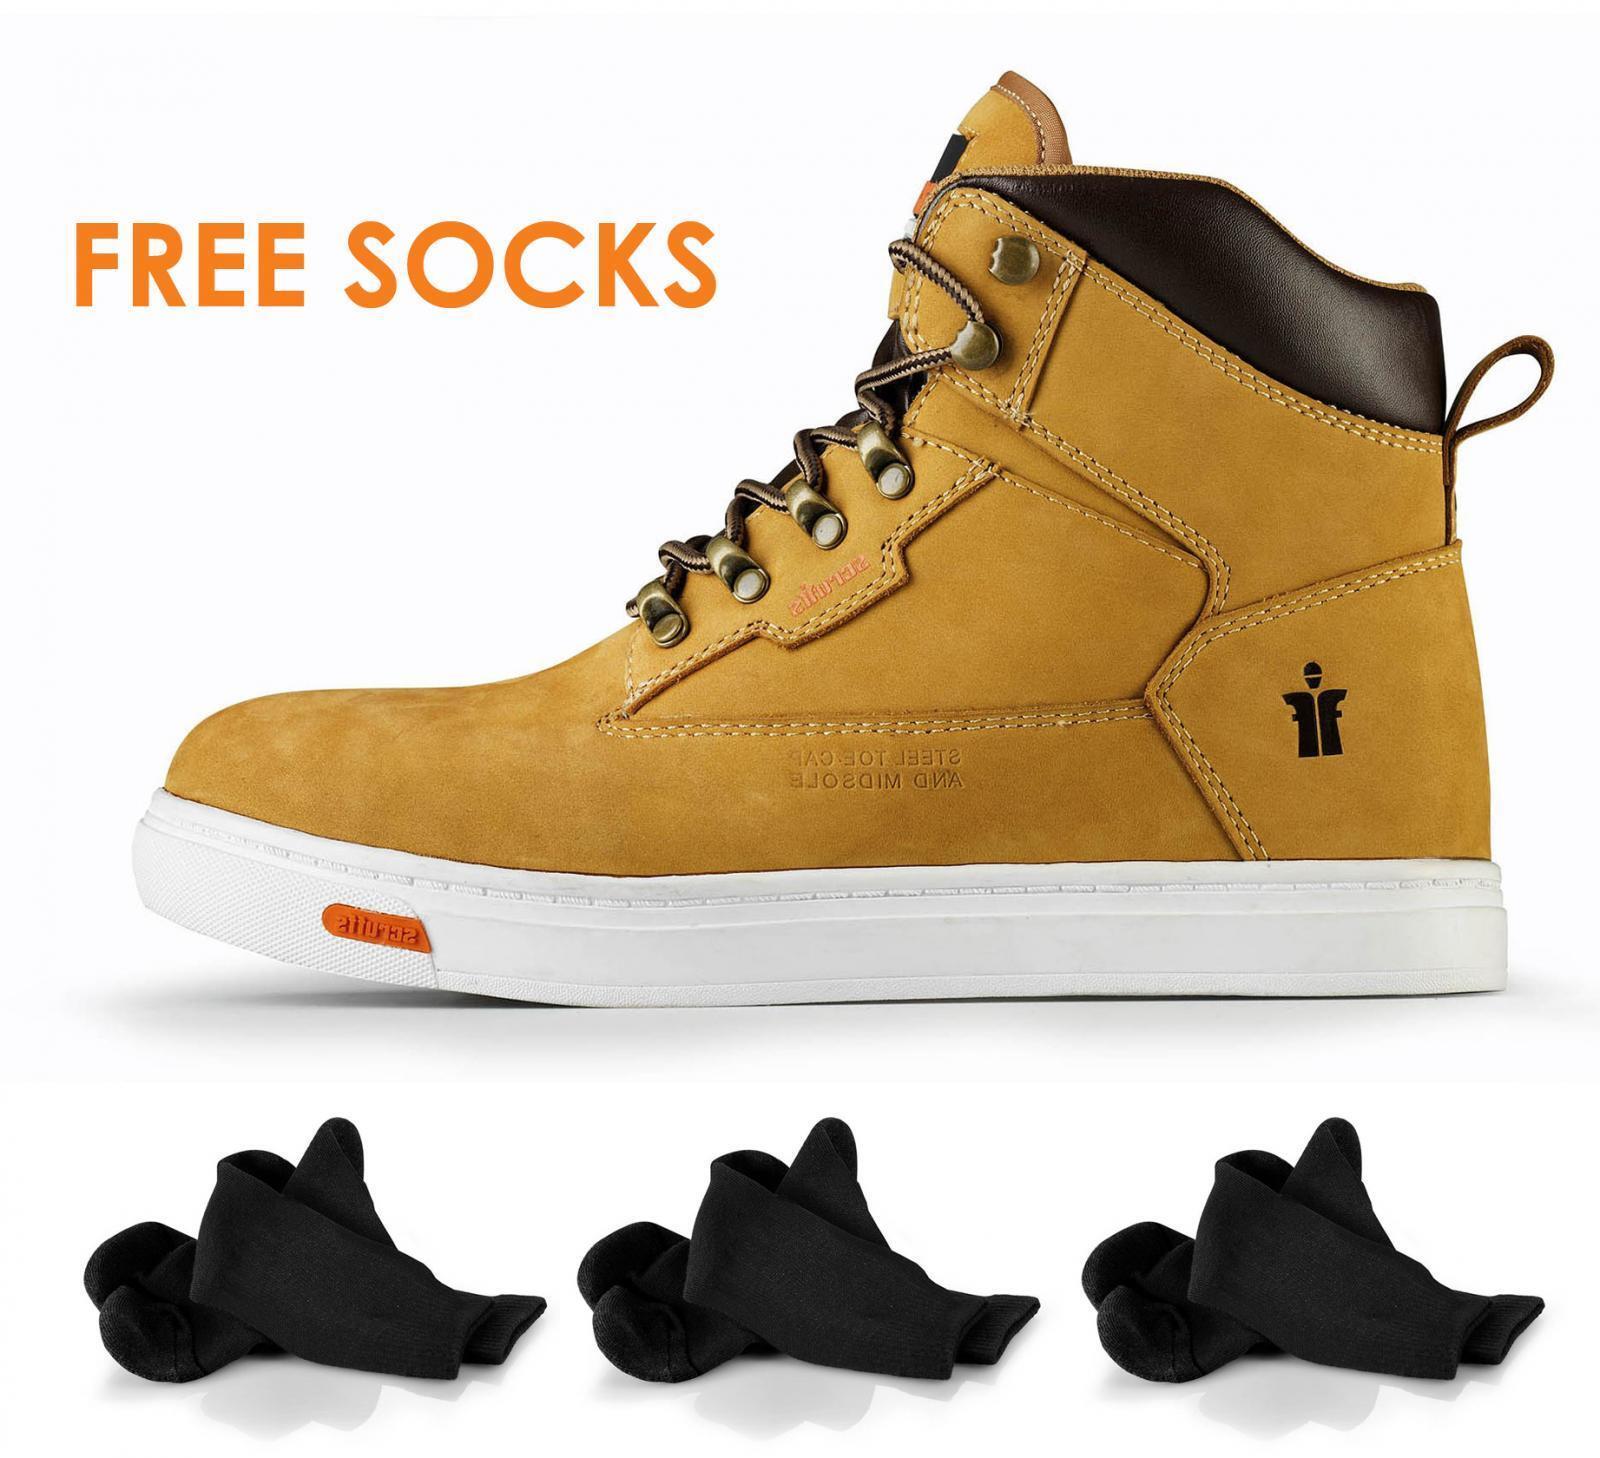 Scruffs Twister Sport nominale sécurité randonneur démarrage vêtehommests de travail acier toe chaussettes gratuit